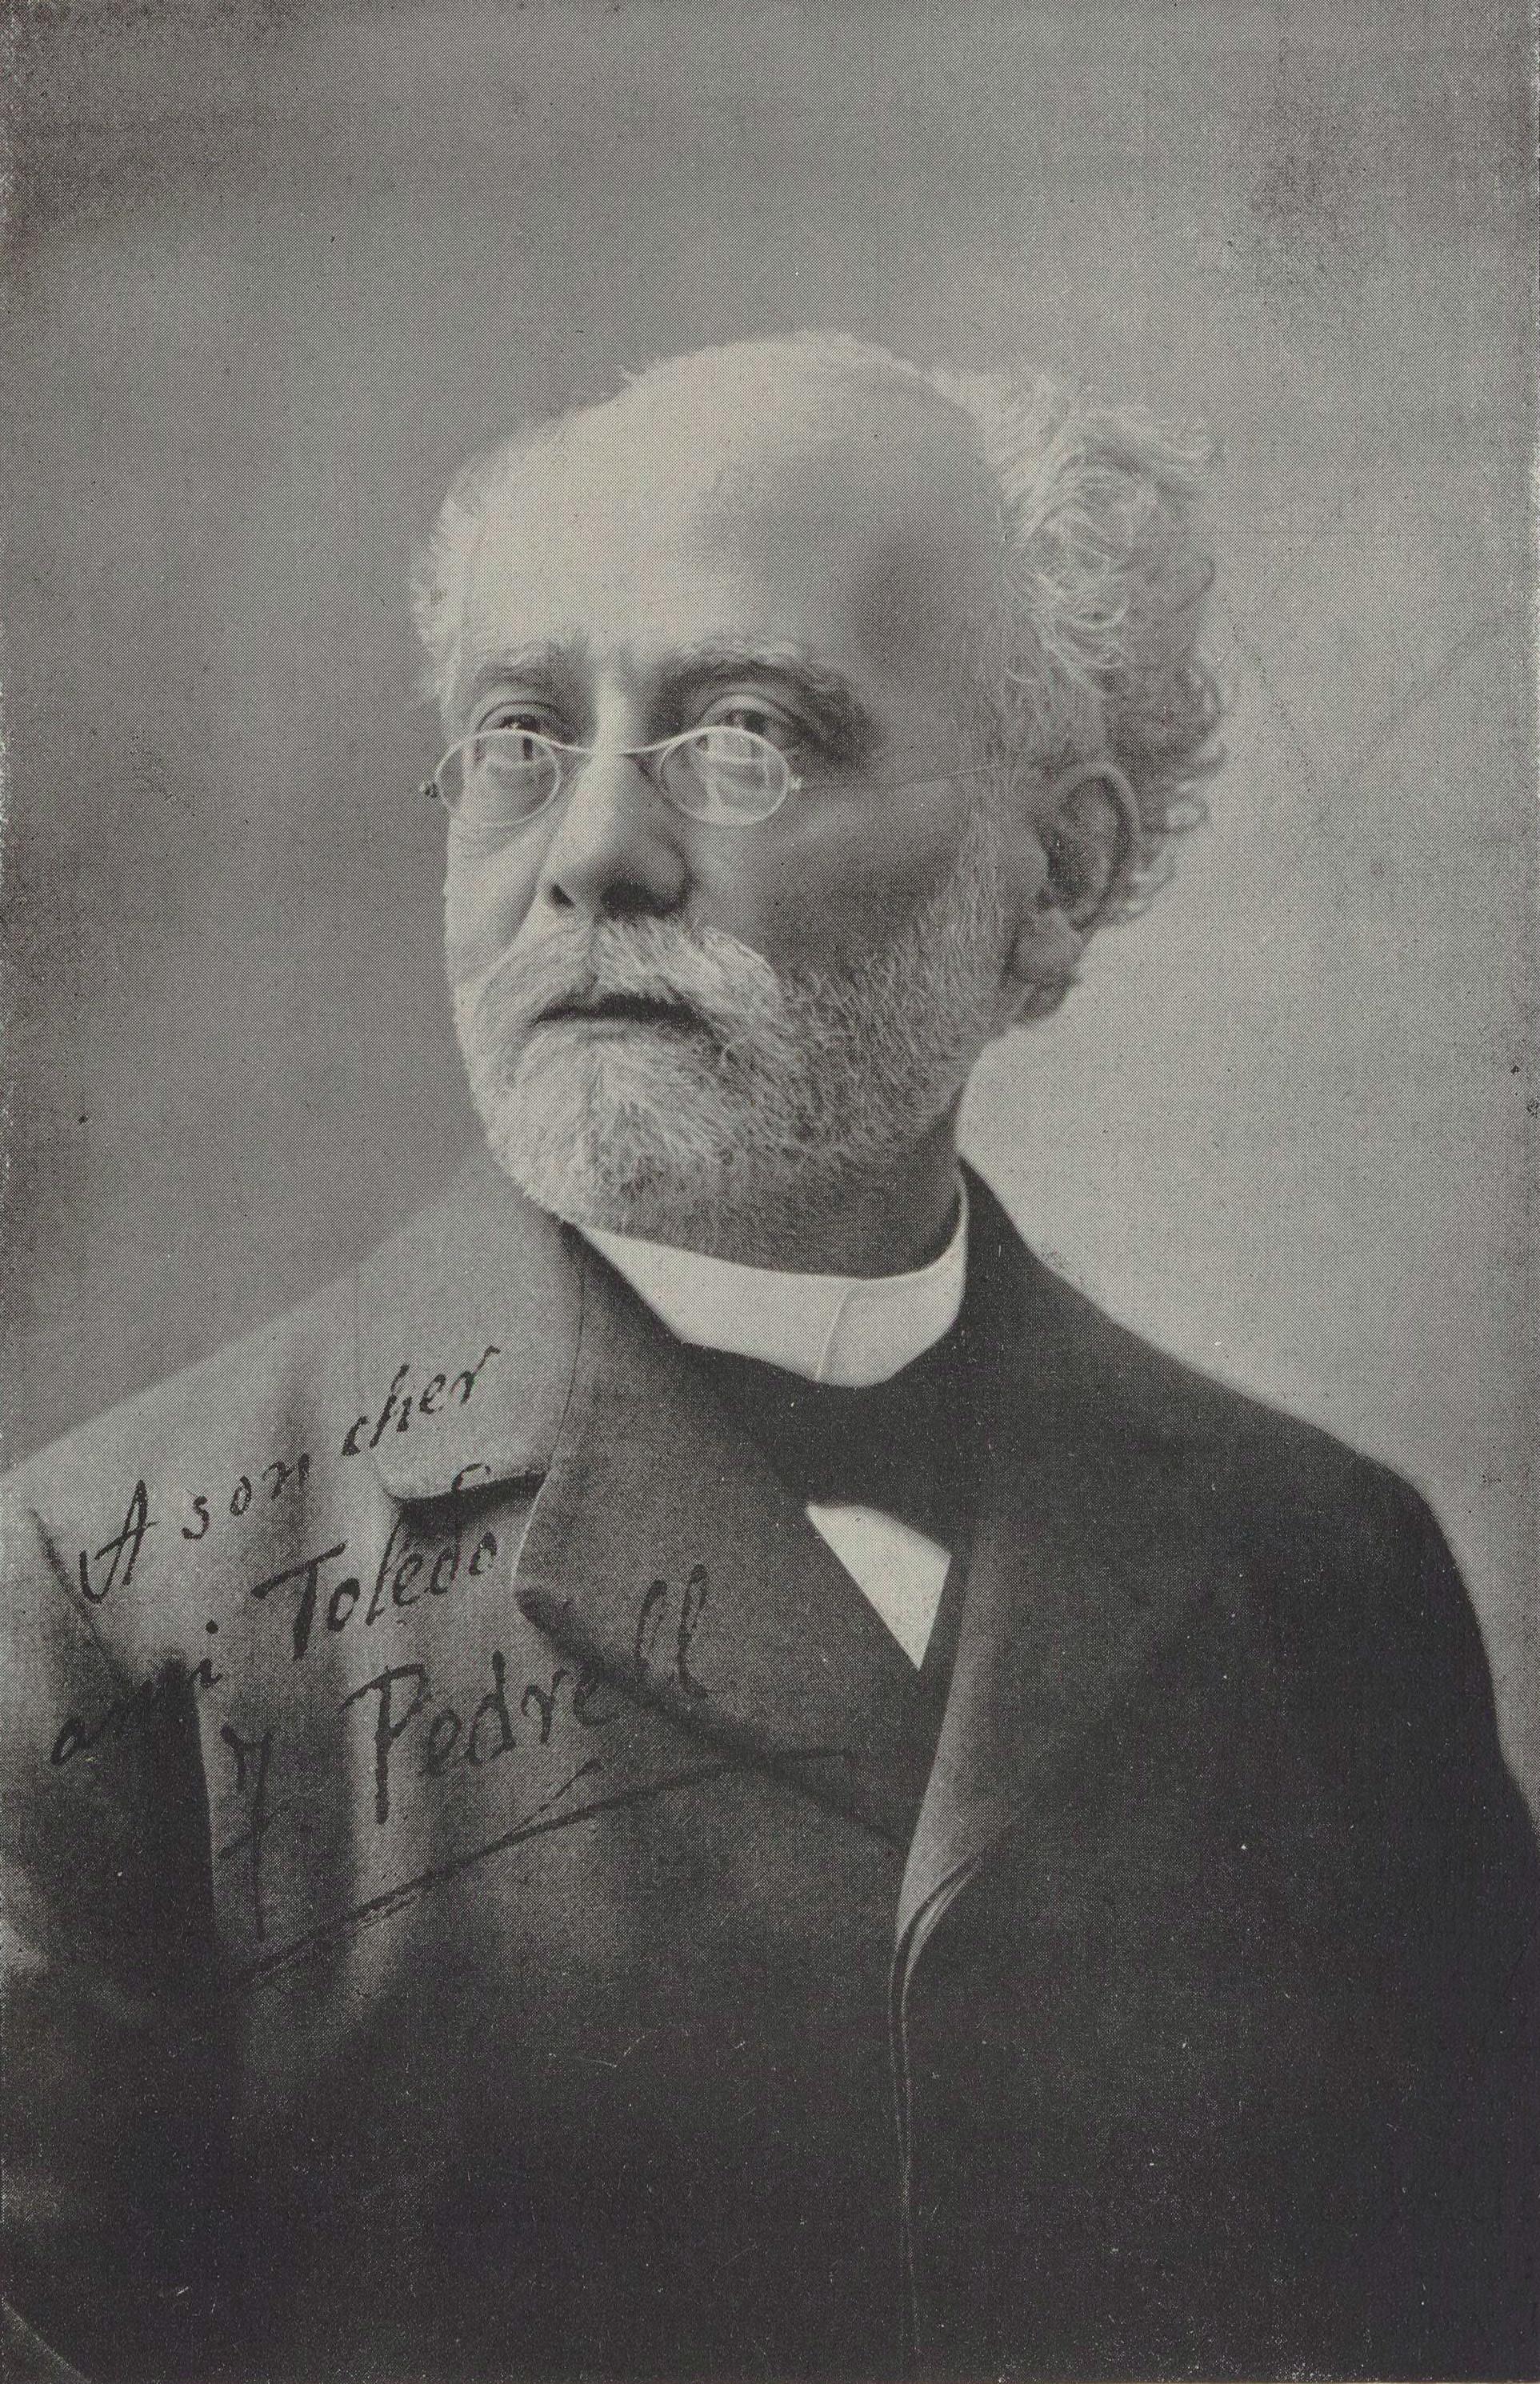 Falla conoció a Felipe Pedrell en 1901 en Madrid. Este fue una gran influencia para el compositor gaditano ya que despertó en él el interés por el flamenco y, en especial, por el cante jondo.